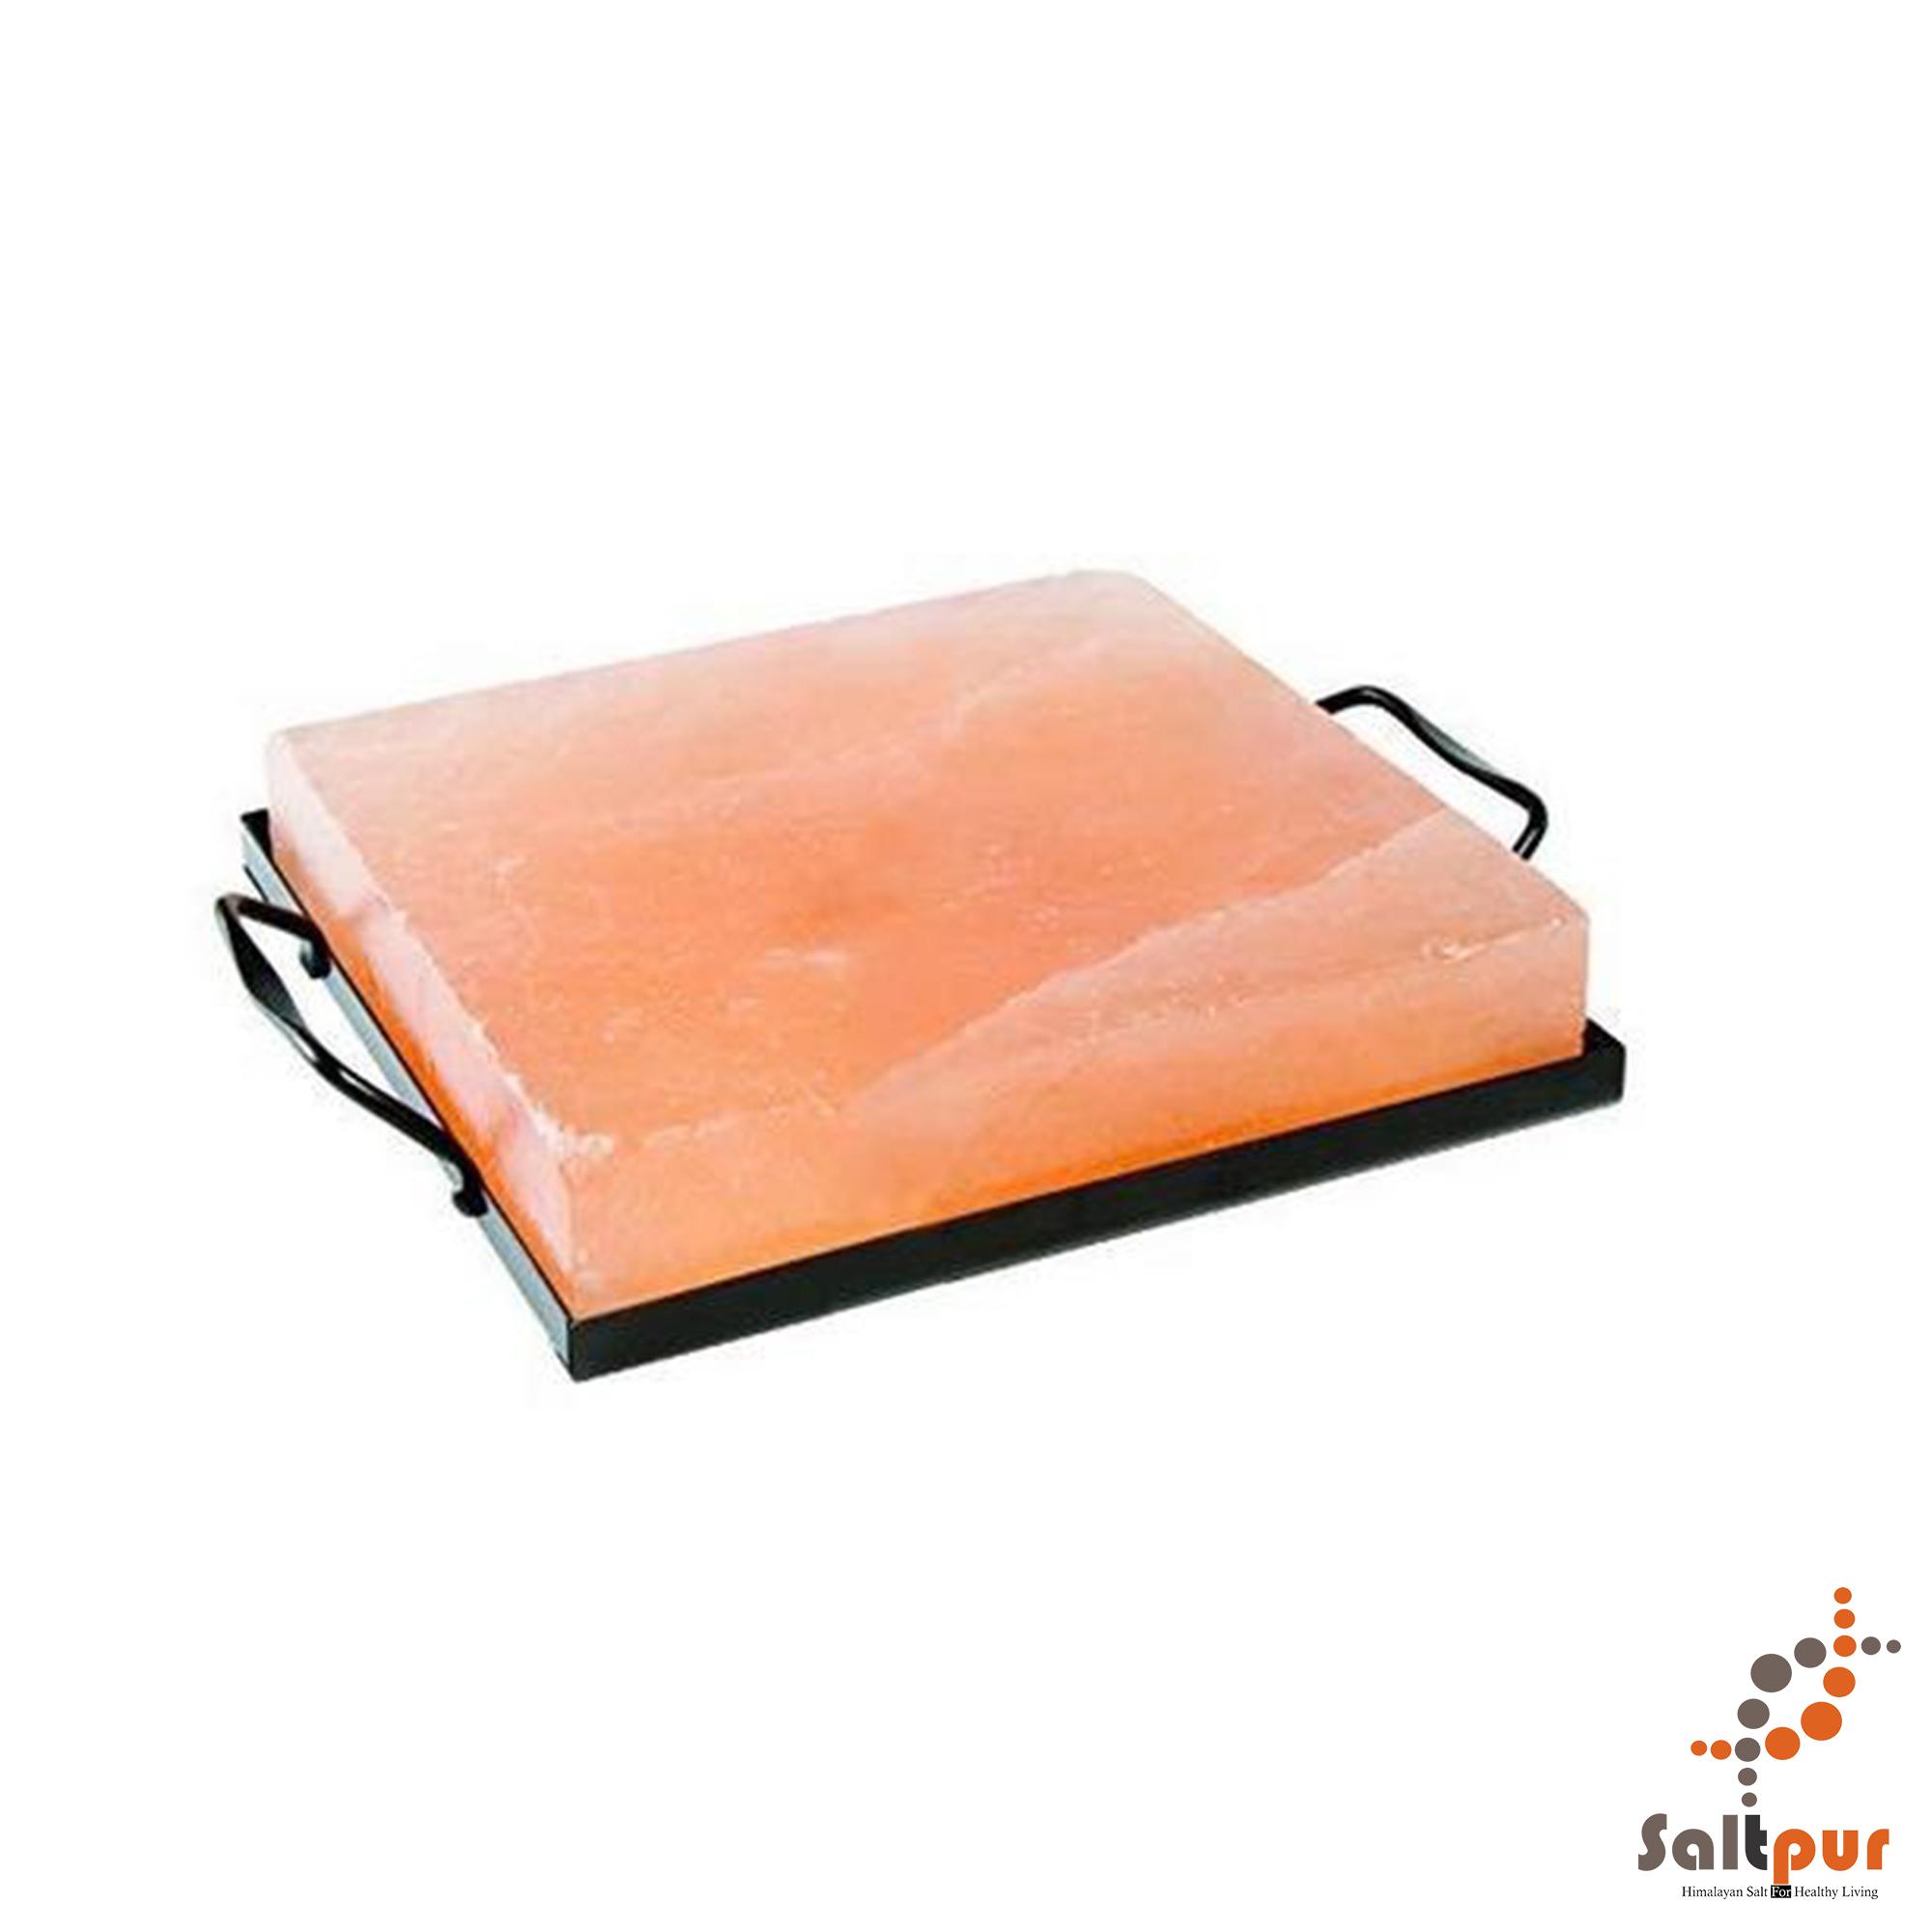 2 7 - Saltpur Himalayan Salts